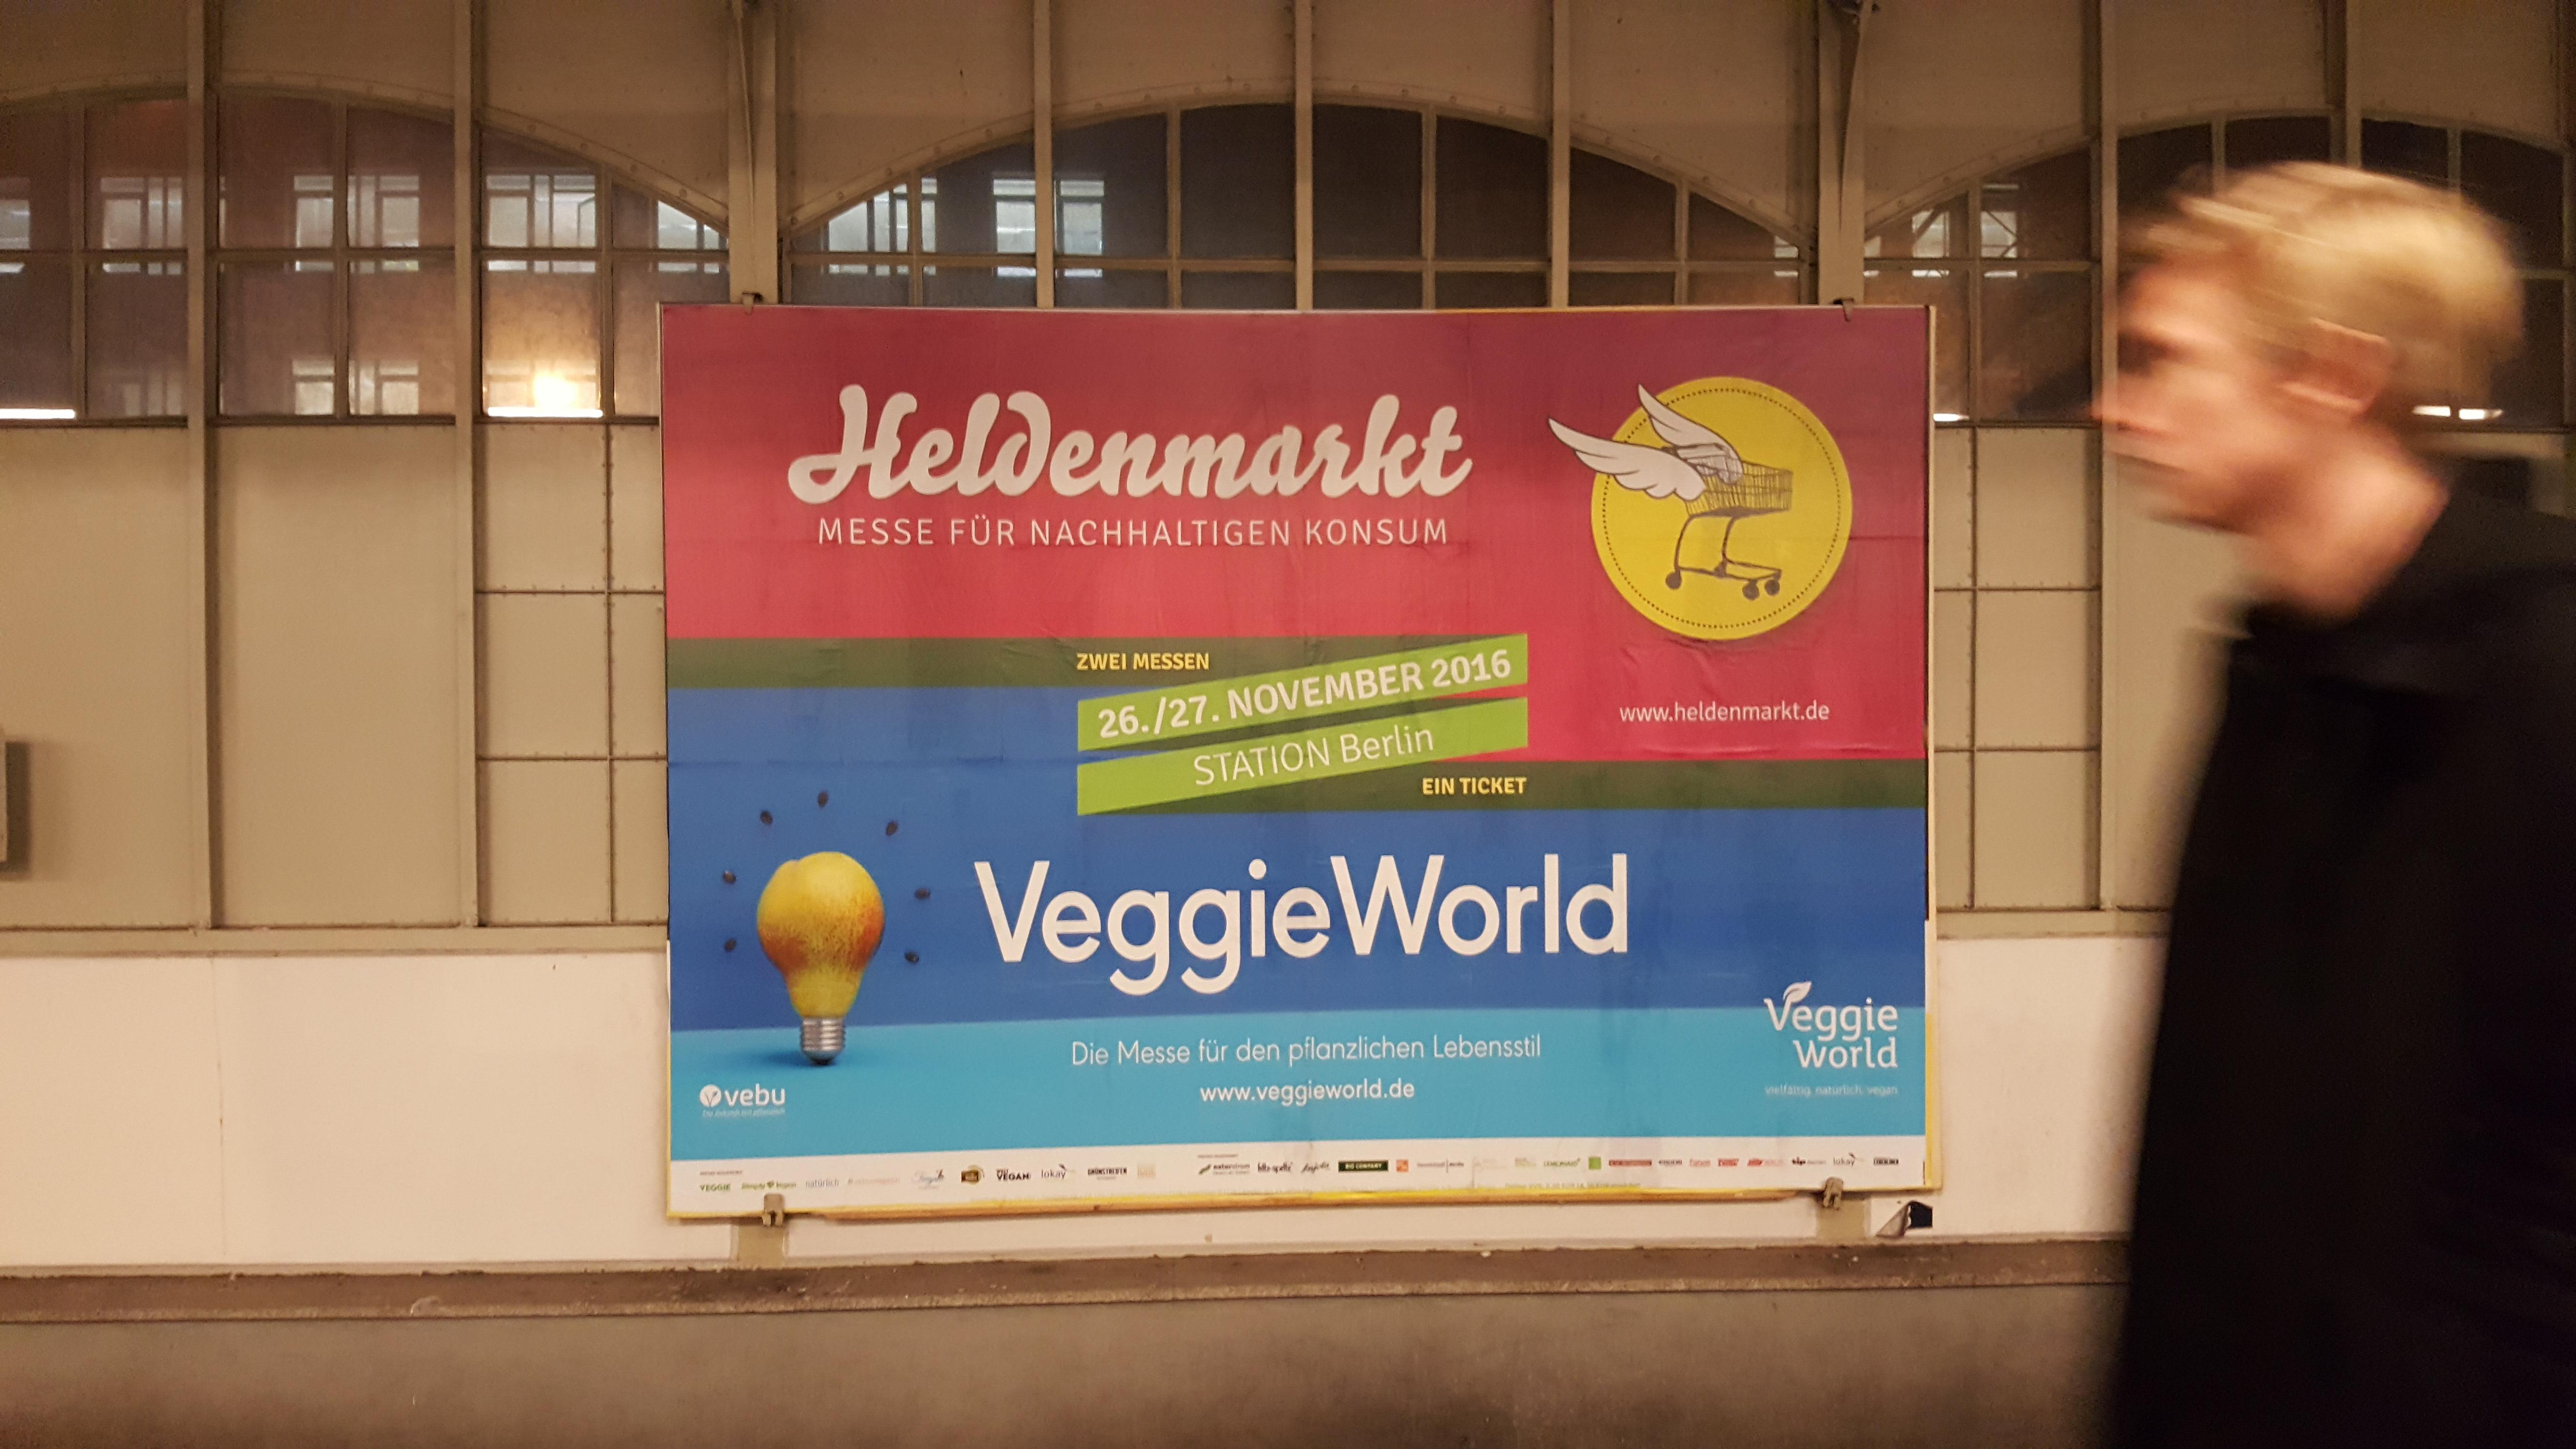 Heldenmarkt Berlin (26.-27.11.2016)